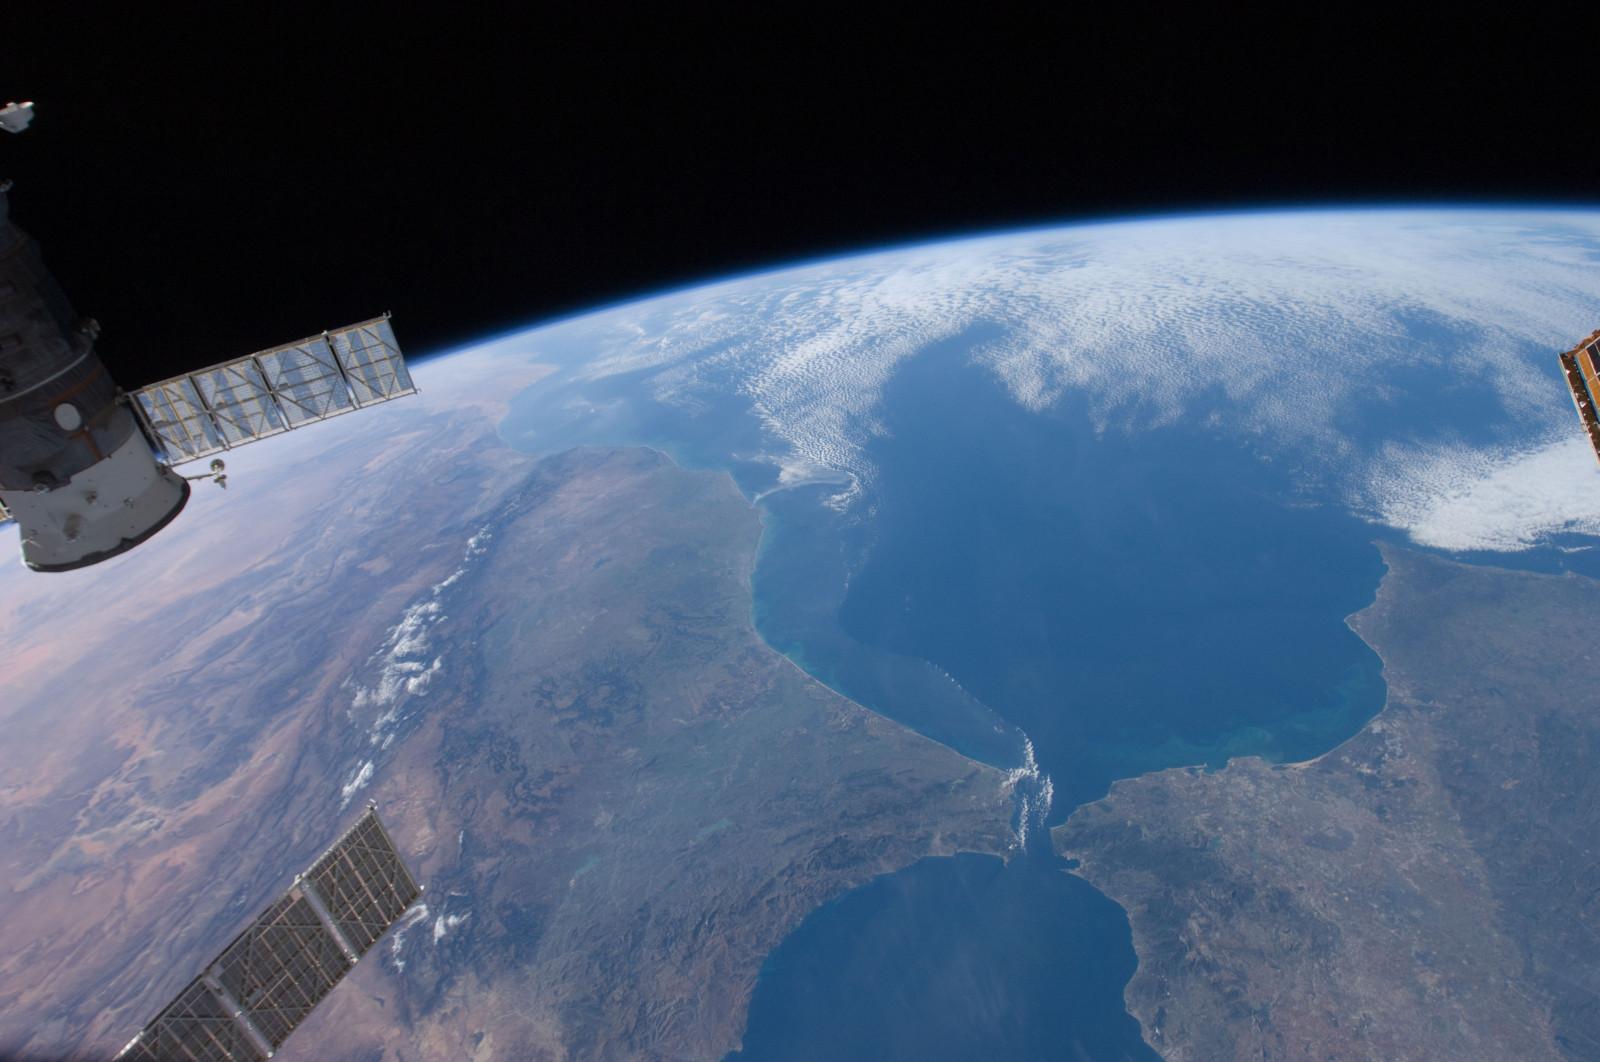 Спутниковая картинка в реальном времени